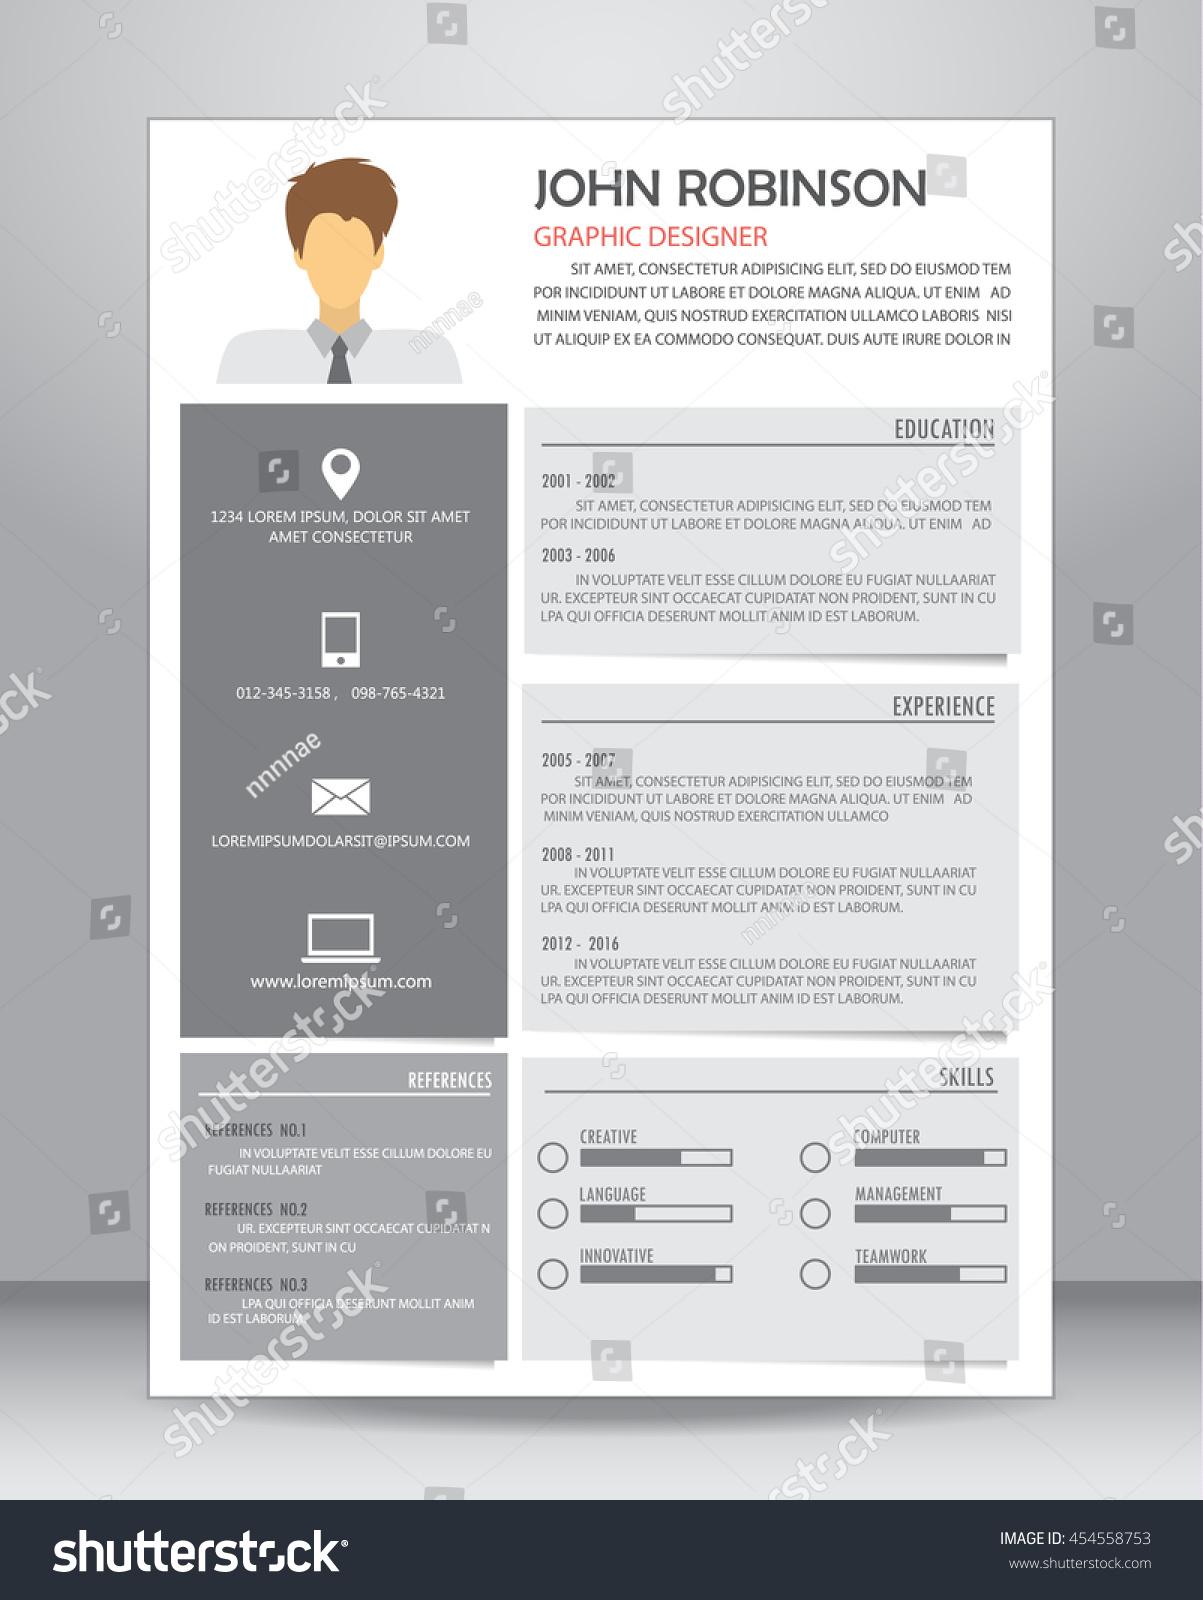 Job Resume Cv Layout Template A4 Stock Vector 454558753 - Shutterstock